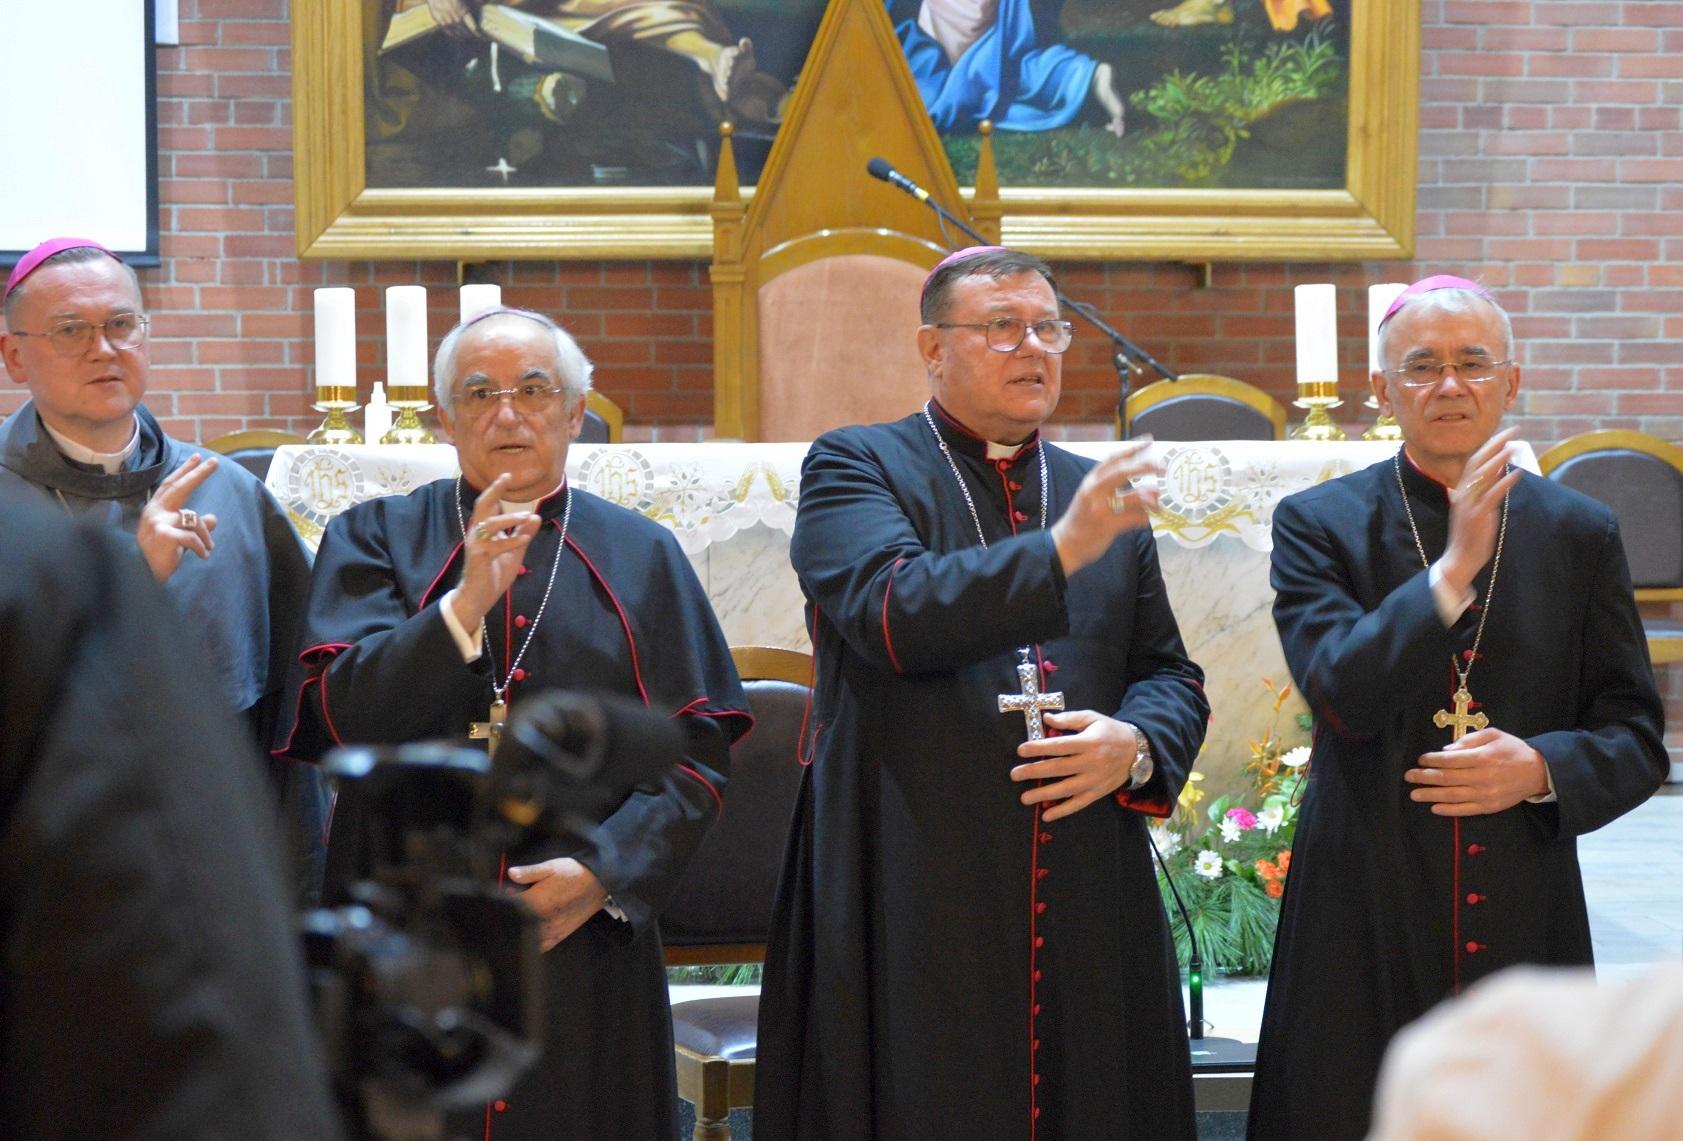 Завершение торжеств католиков в Новосибирске по случаю 30-летия